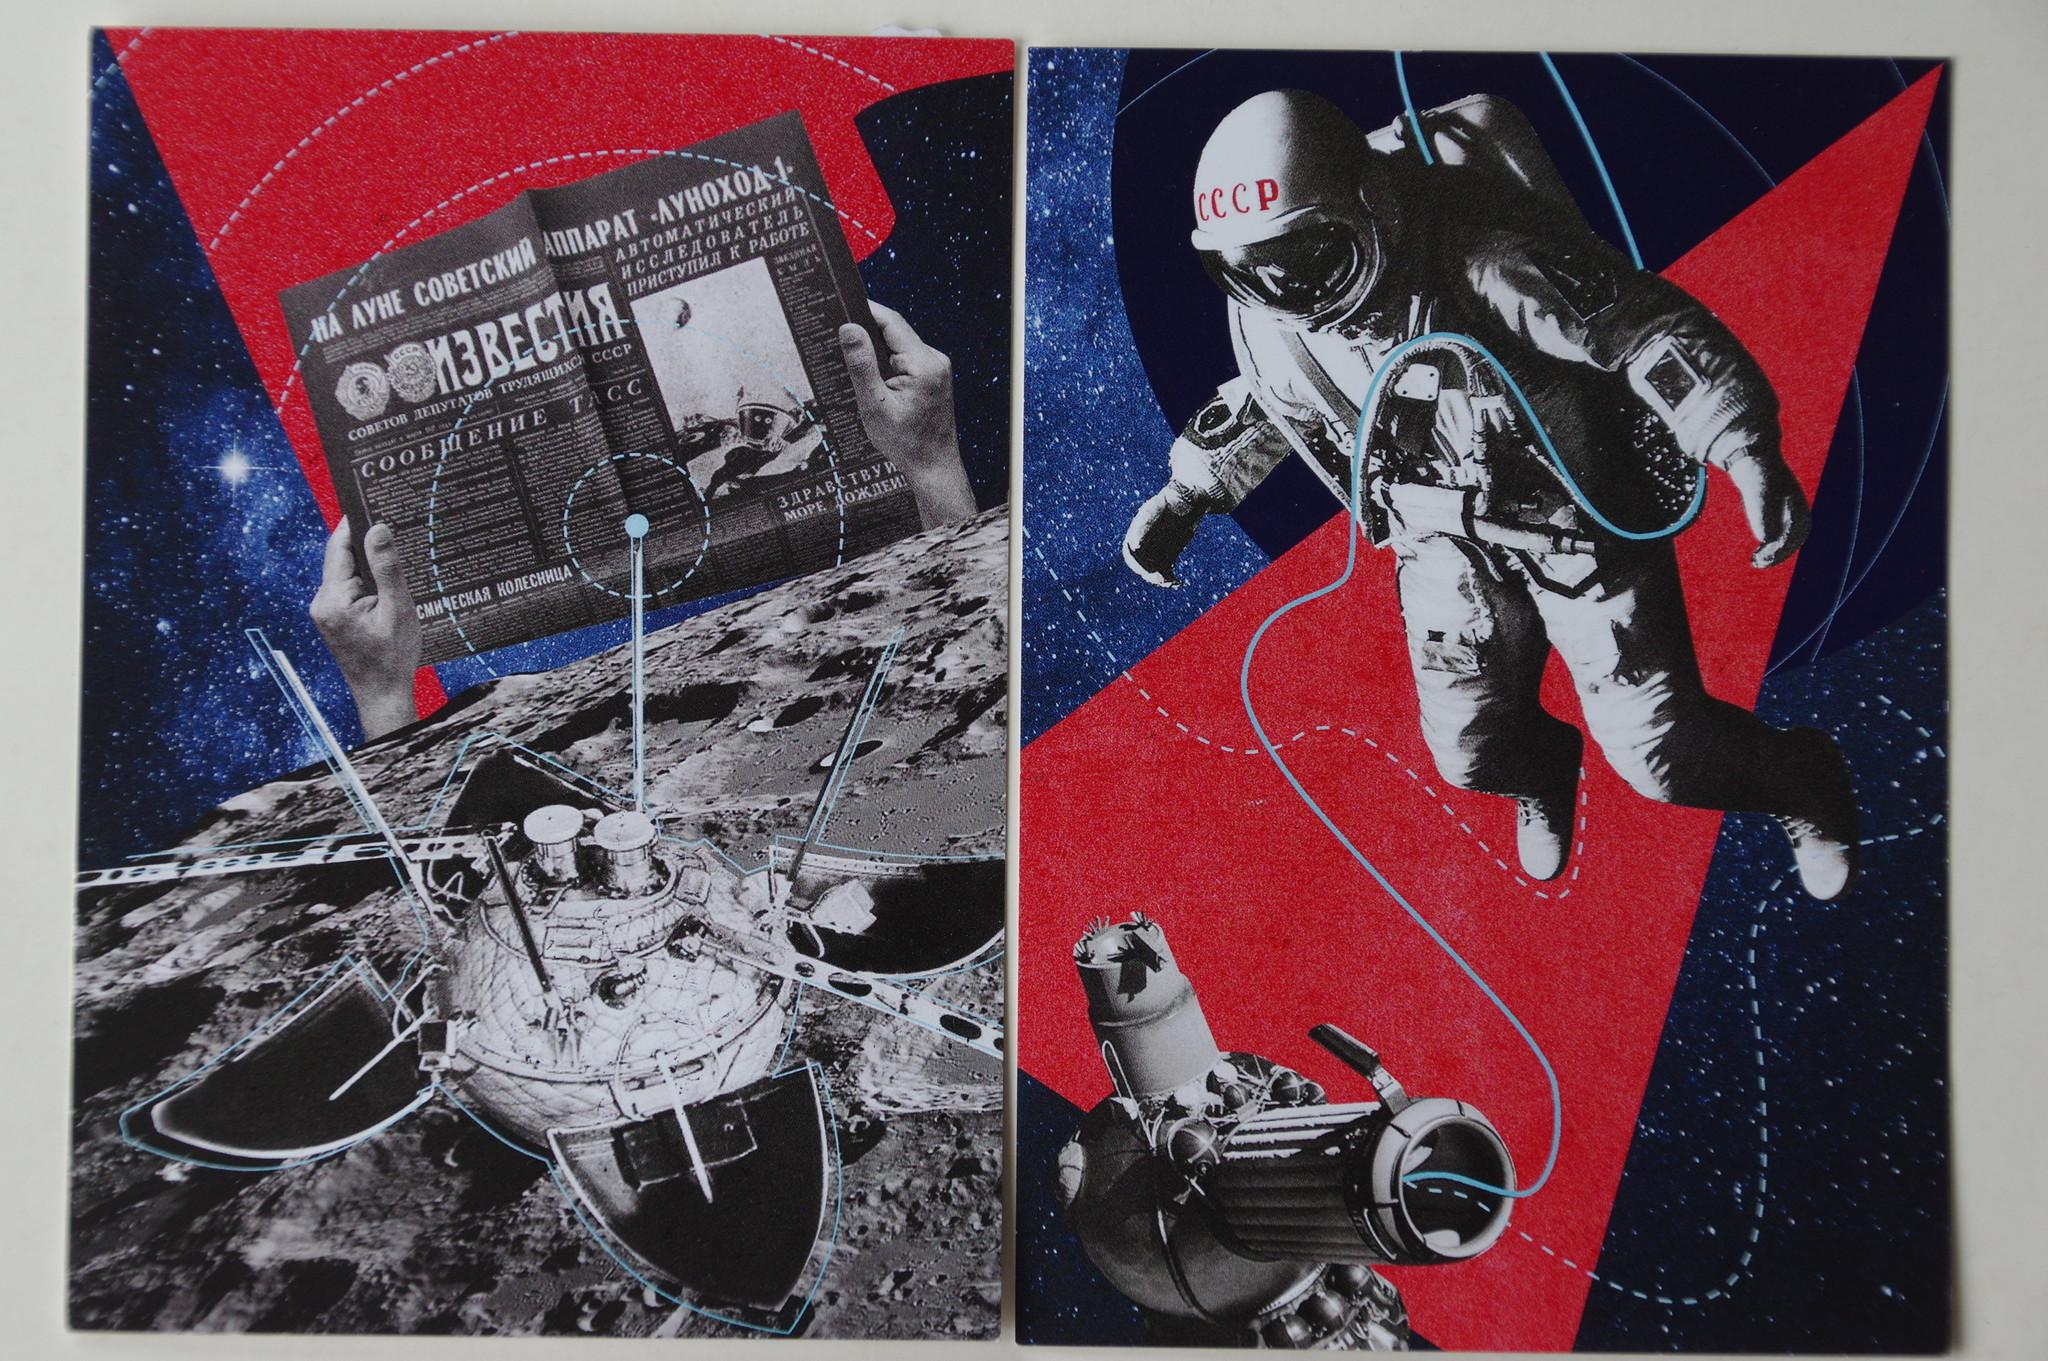 Акция «Покоряй космос с нами» в Музее космонавтики 16 августа 2019 года. Специальные открытки из лимитированного тиража